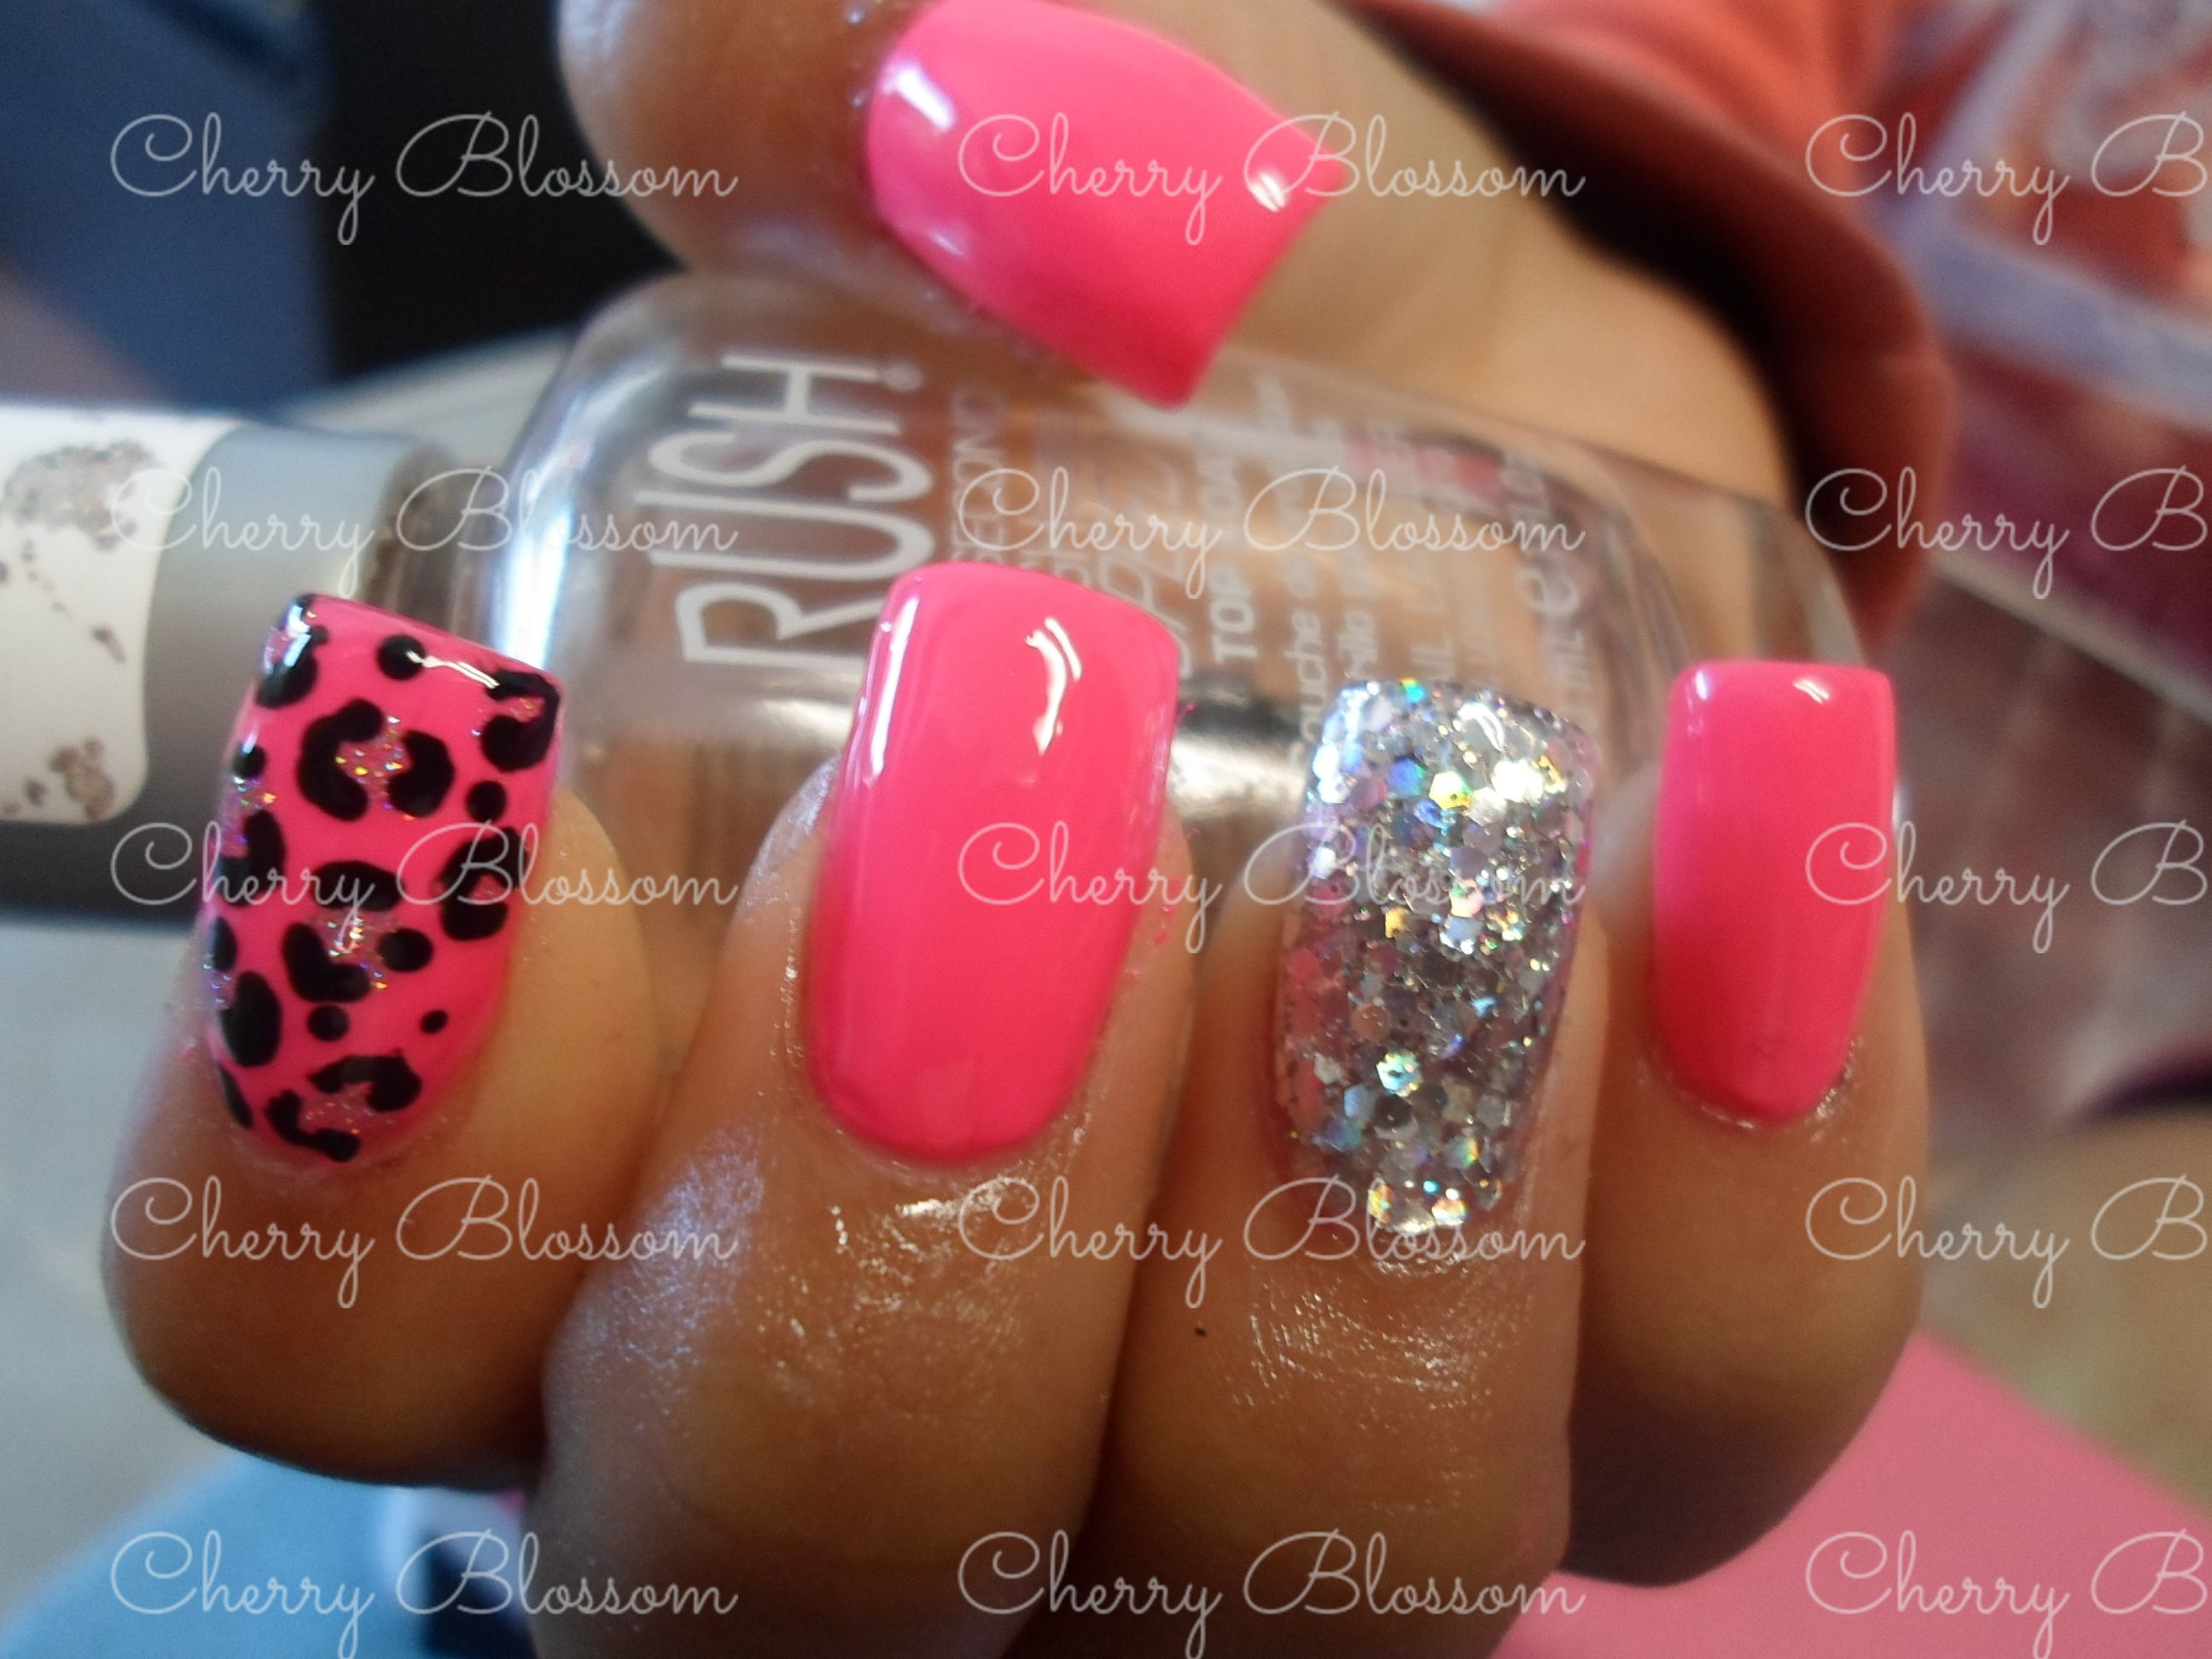 cherry blossom mva citas wspp nails uas acrilicas rosa glitter plata